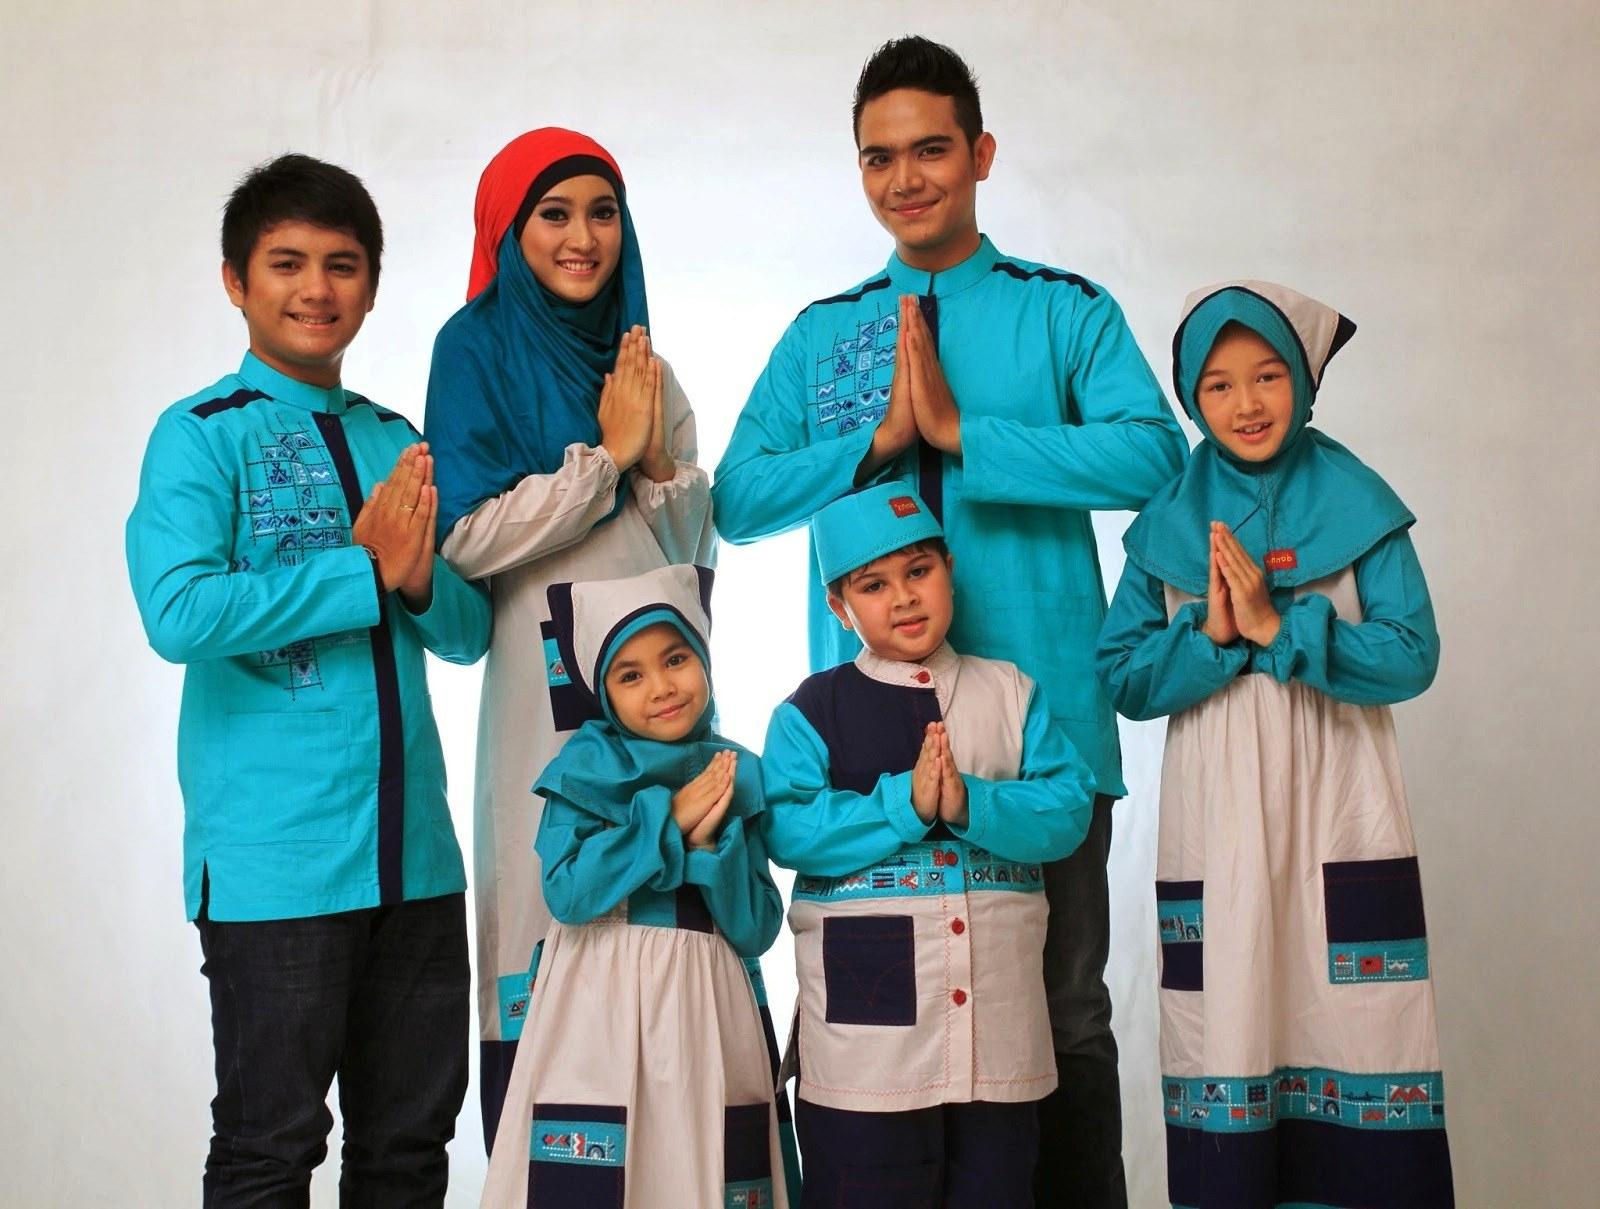 Bentuk Trend Baju Lebaran Anak 2018 Mndw Model Baju Muslim Gamis Modern Terbaru 2018 Untuk Lebaran